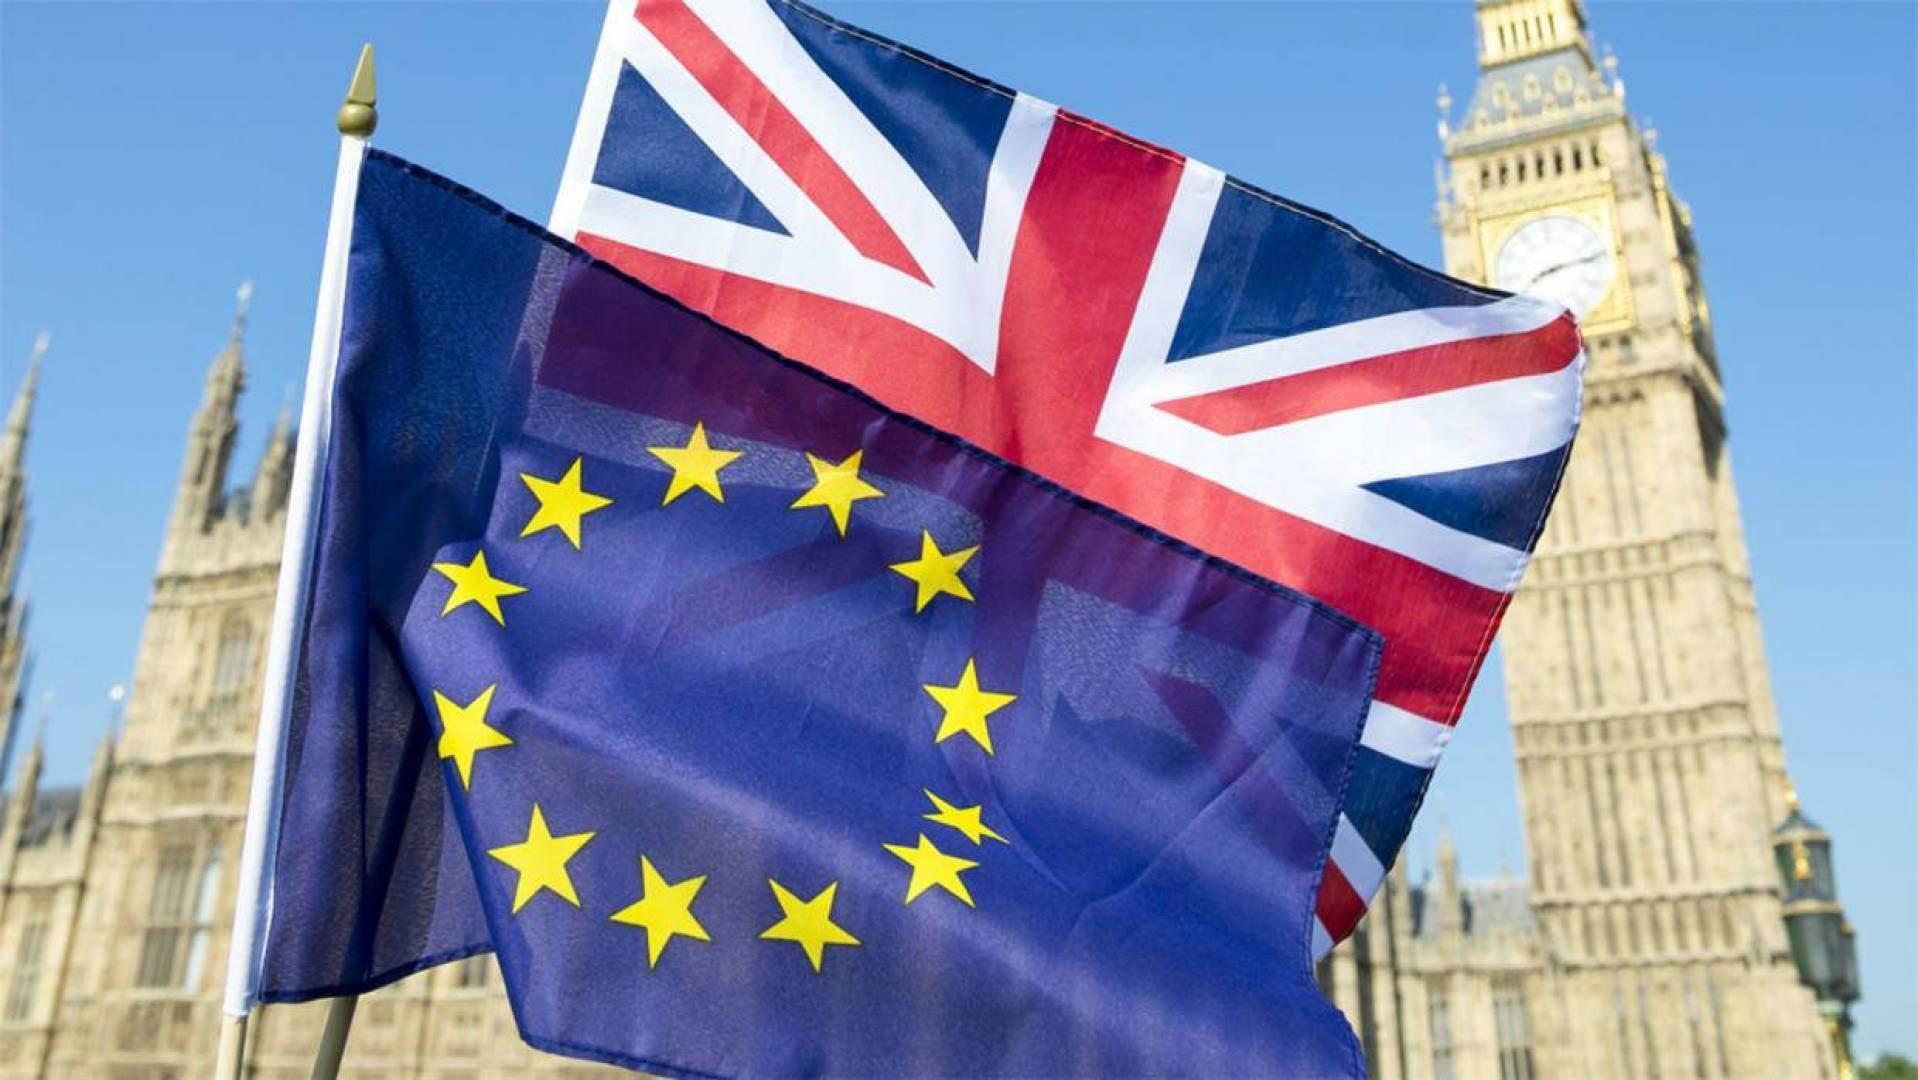 قمة أوروبية مرتقبة في 15 تشرين الأول/أكتوبر ستكون المهلة النهائية التي يمكن التوصل فيها إلى اتفاق بين لندن وبروكسل